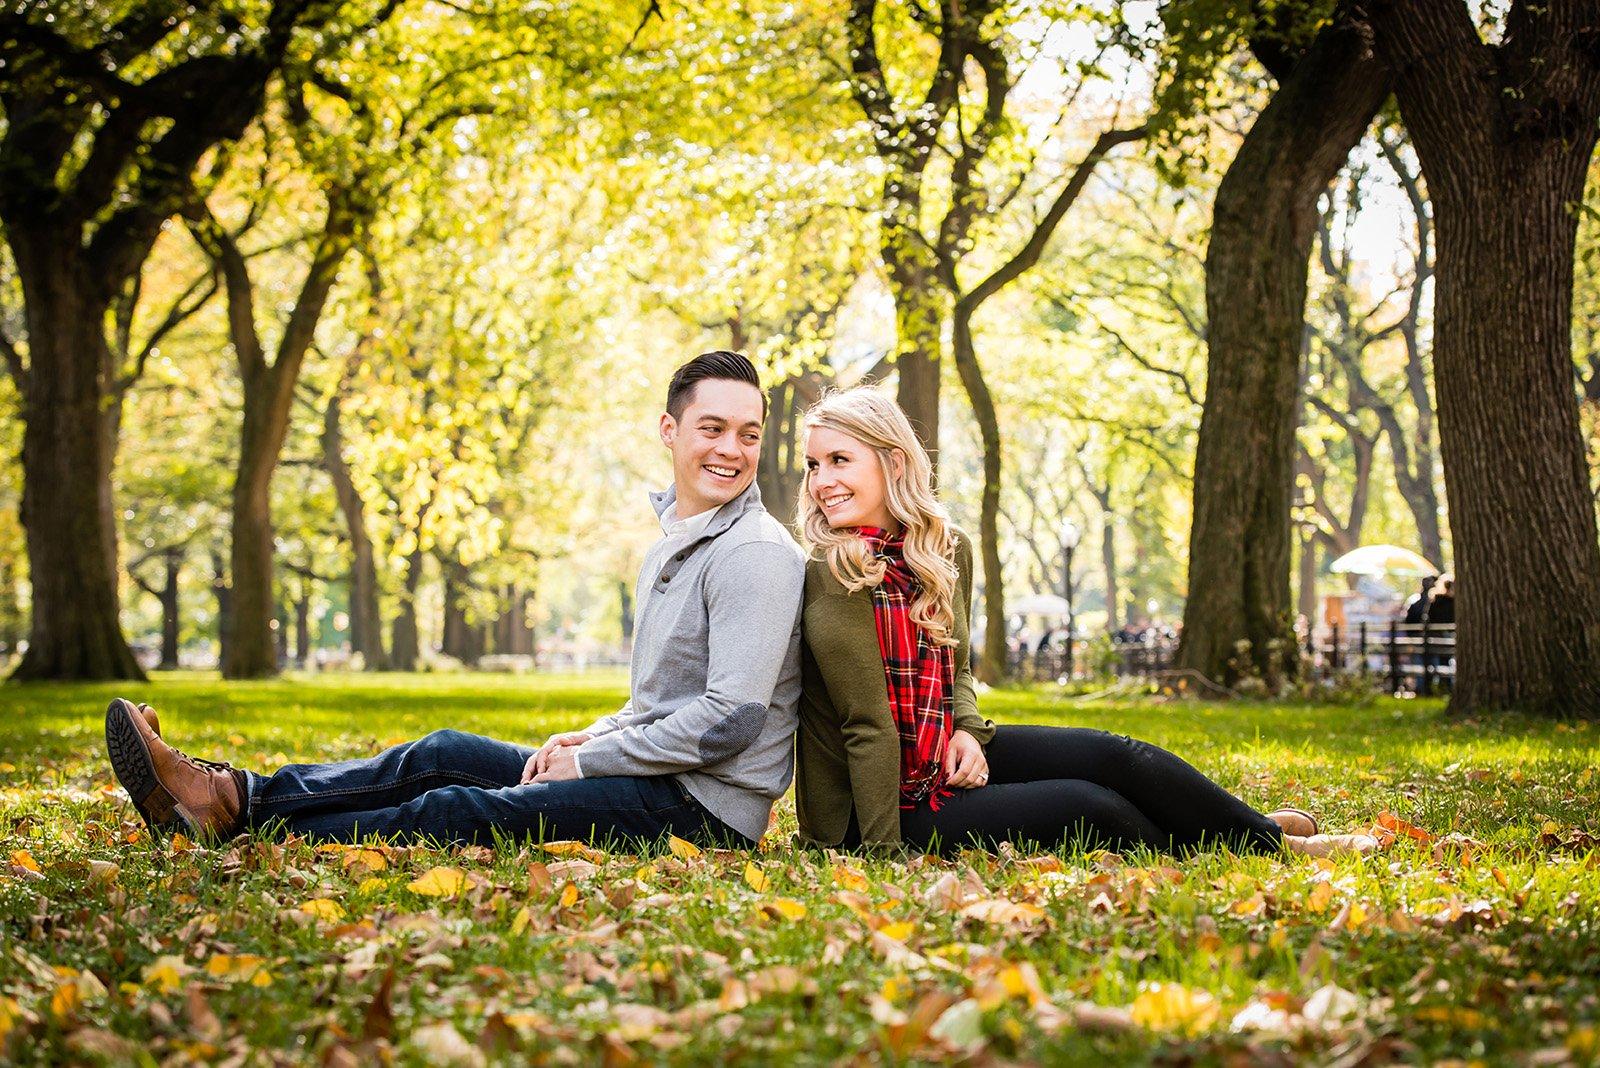 Best-Engagement-Photographer-Central-Park Engagement